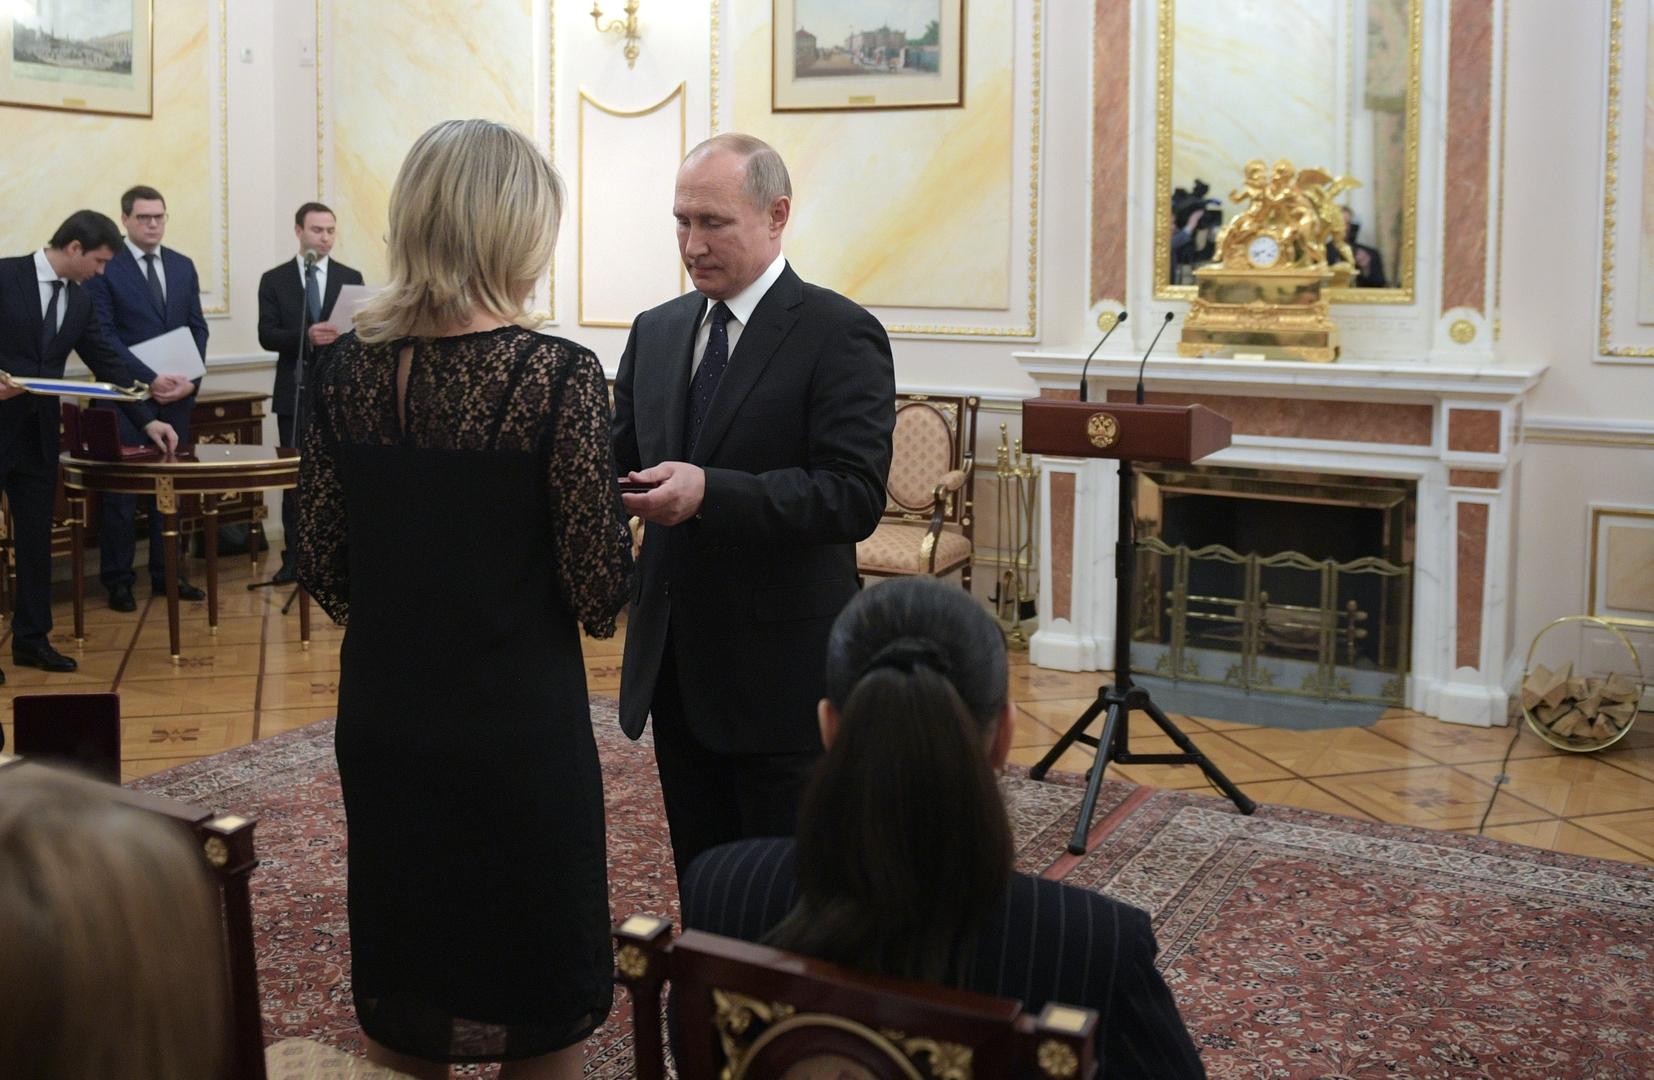 بوتين: روسيا ماضية في تطوير أحدث أنواع الأسلحة